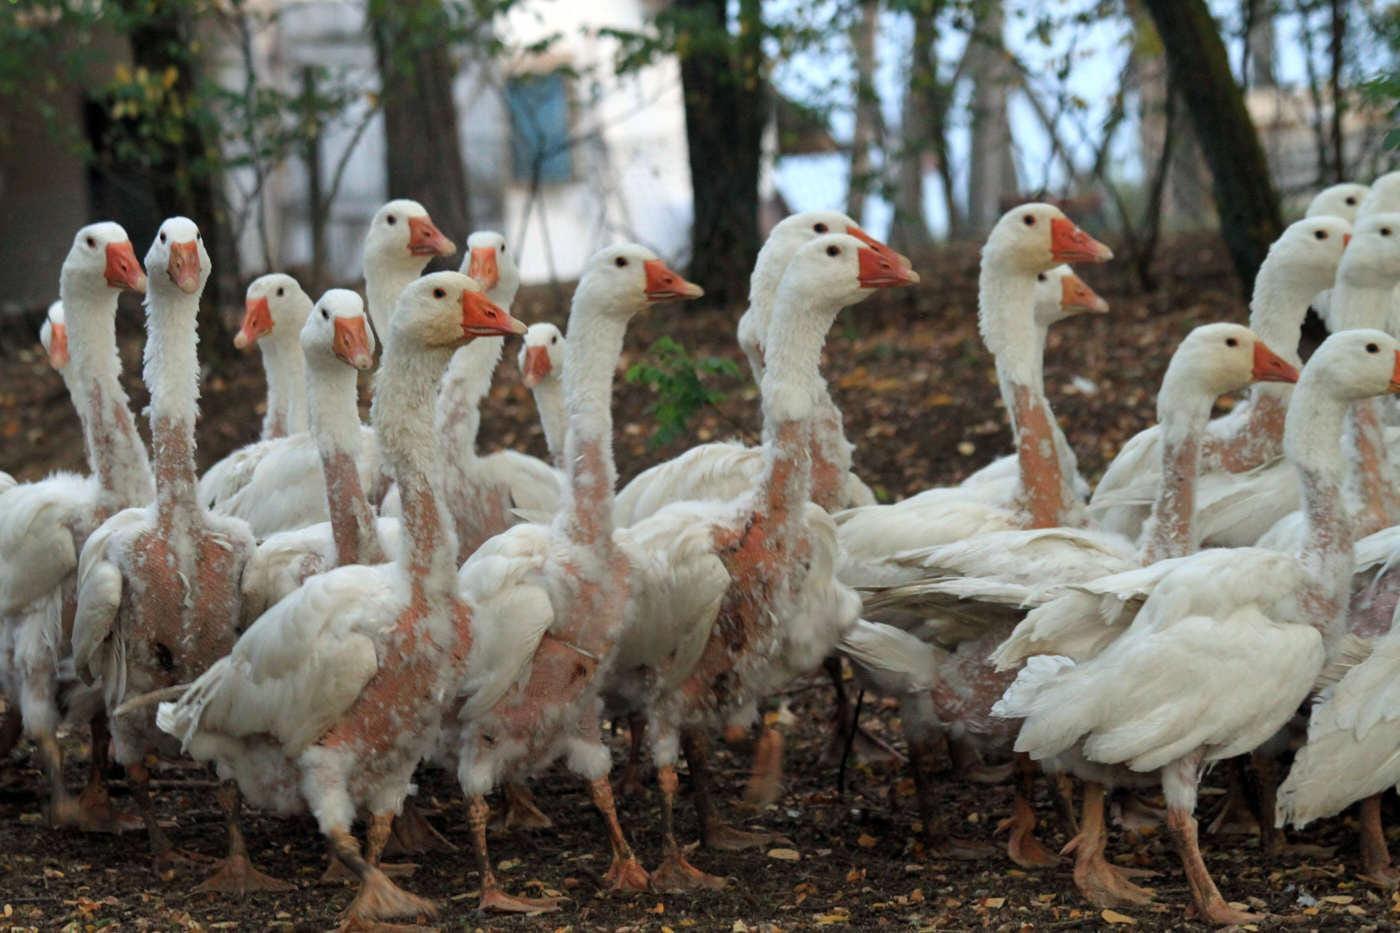 Почему утки выщипывают перья друг у друга